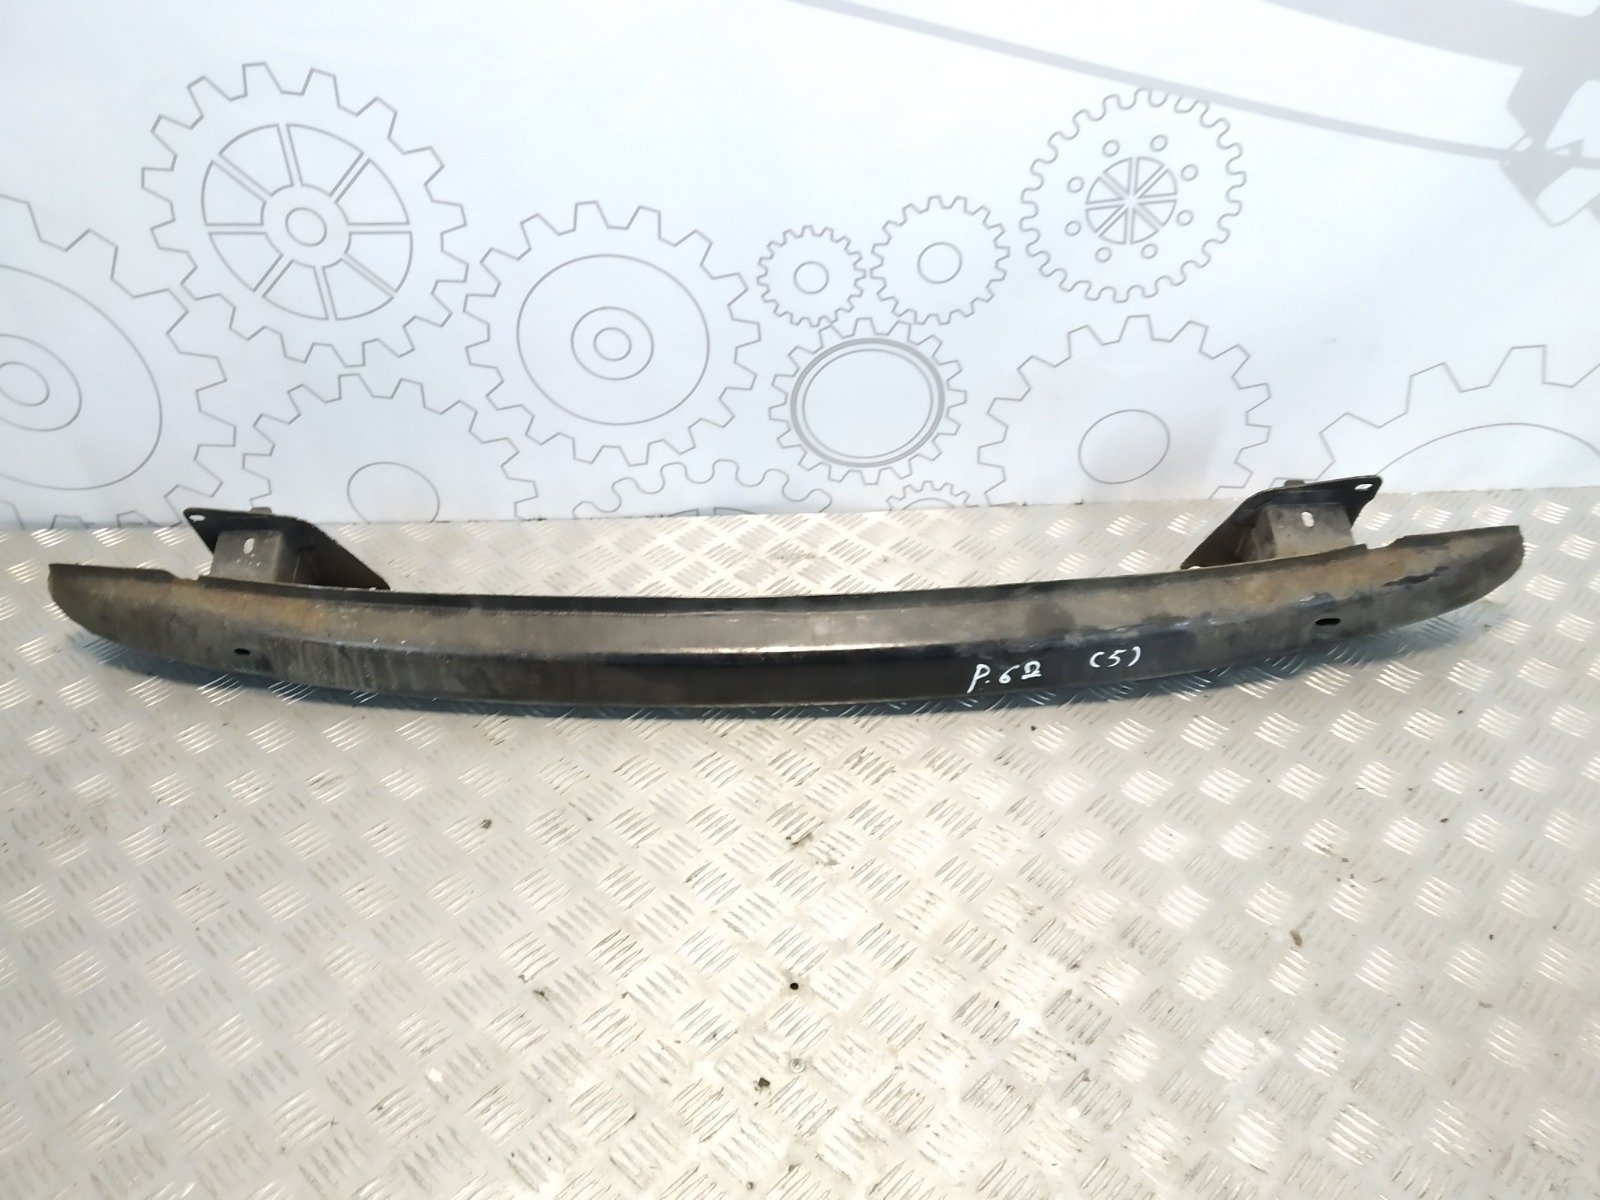 Усилитель бампера заднего Volkswagen Golf 4 1.6 I 2002 (б/у)